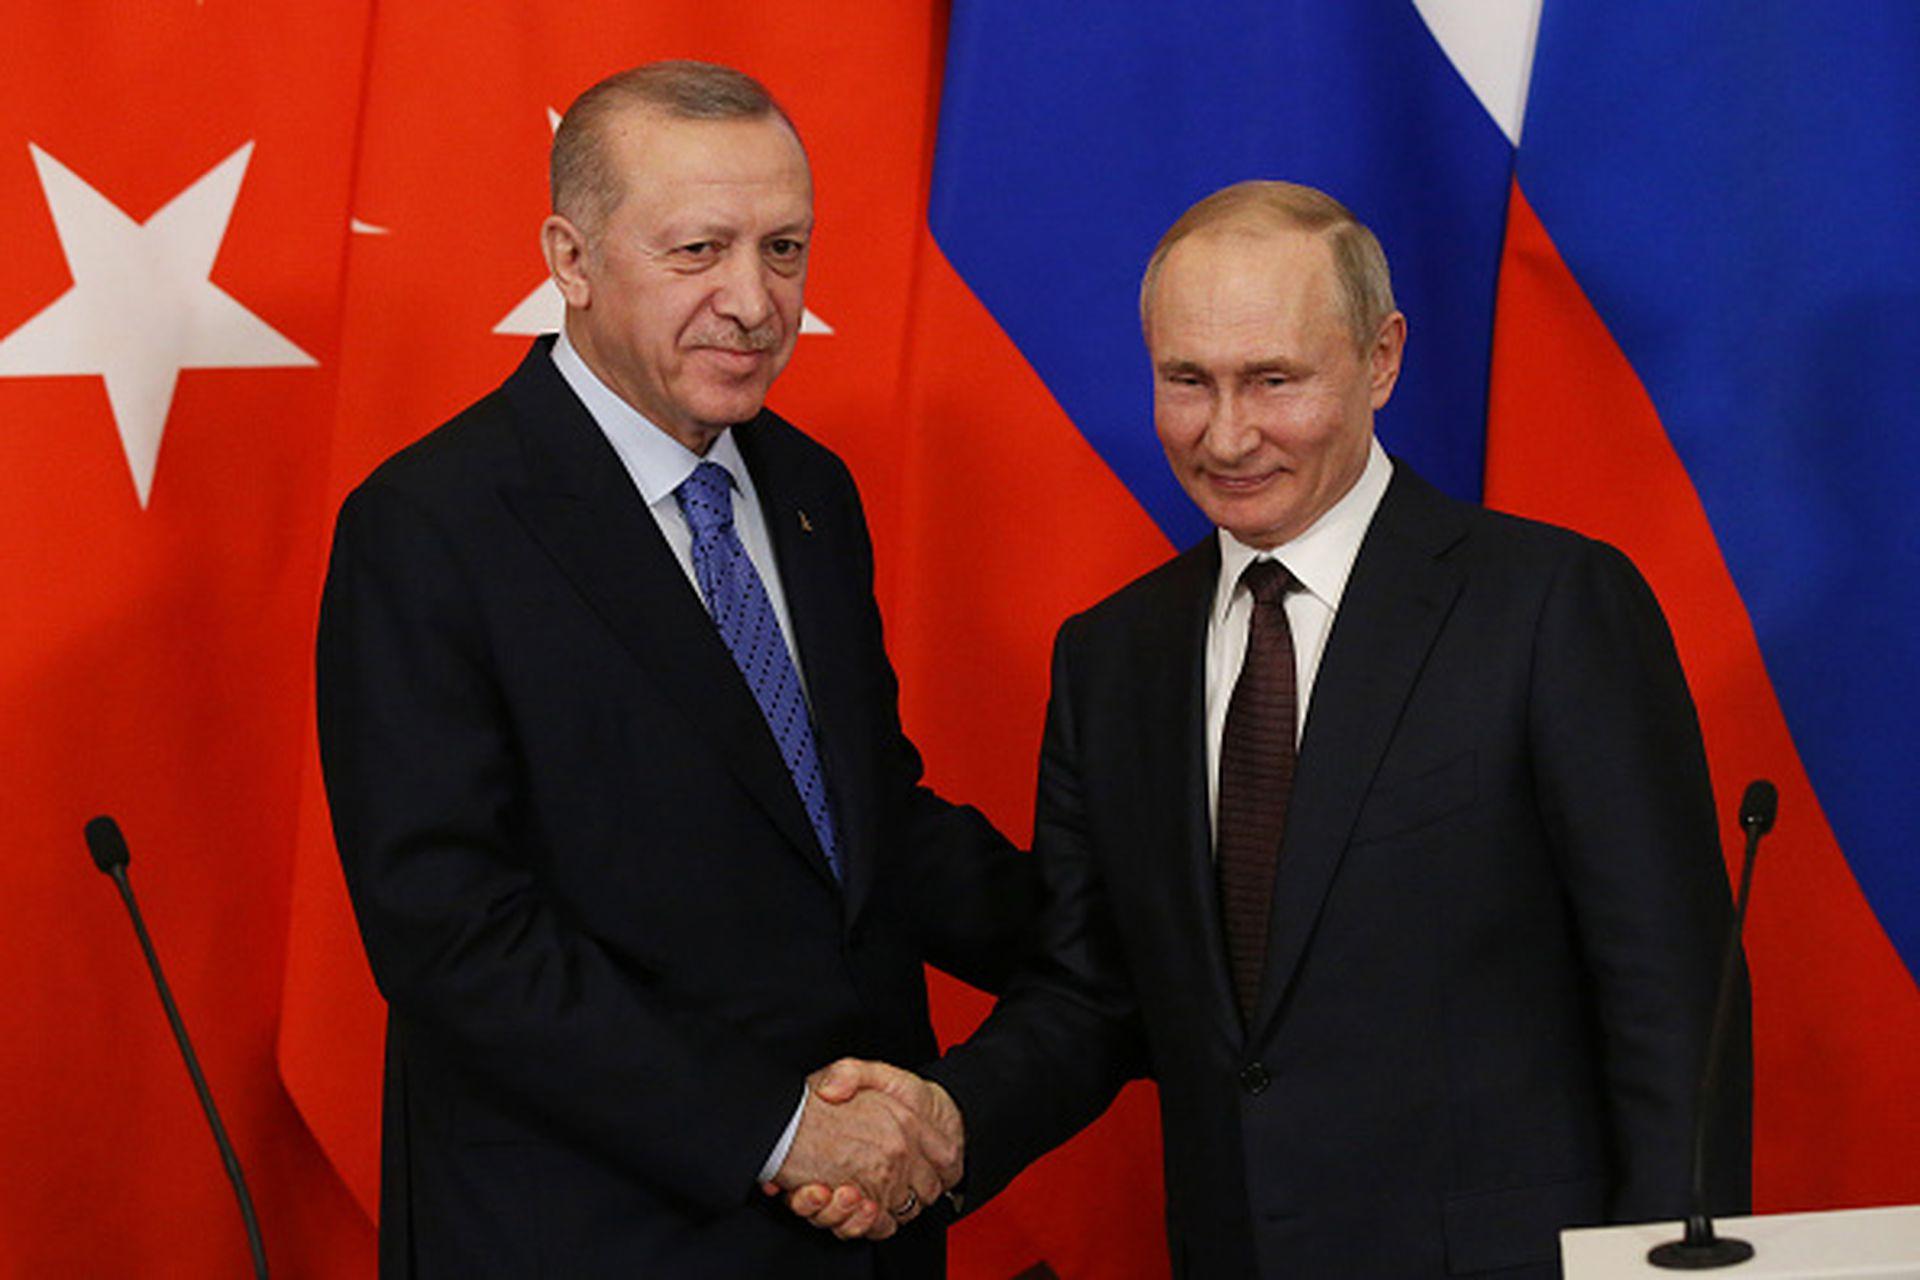 尽管俄土两国在地缘利益上存在诸多矛盾,但双方似乎总能通过精巧的牌底交易避免正面冲突,并进行卓有成效的战略合作。图为2020年3月5日,俄罗斯总统普京在莫斯科接见到访的土耳其总统埃尔多安,双方围绕叙北伊德利卜省局势举行了会谈。(Getty Images)